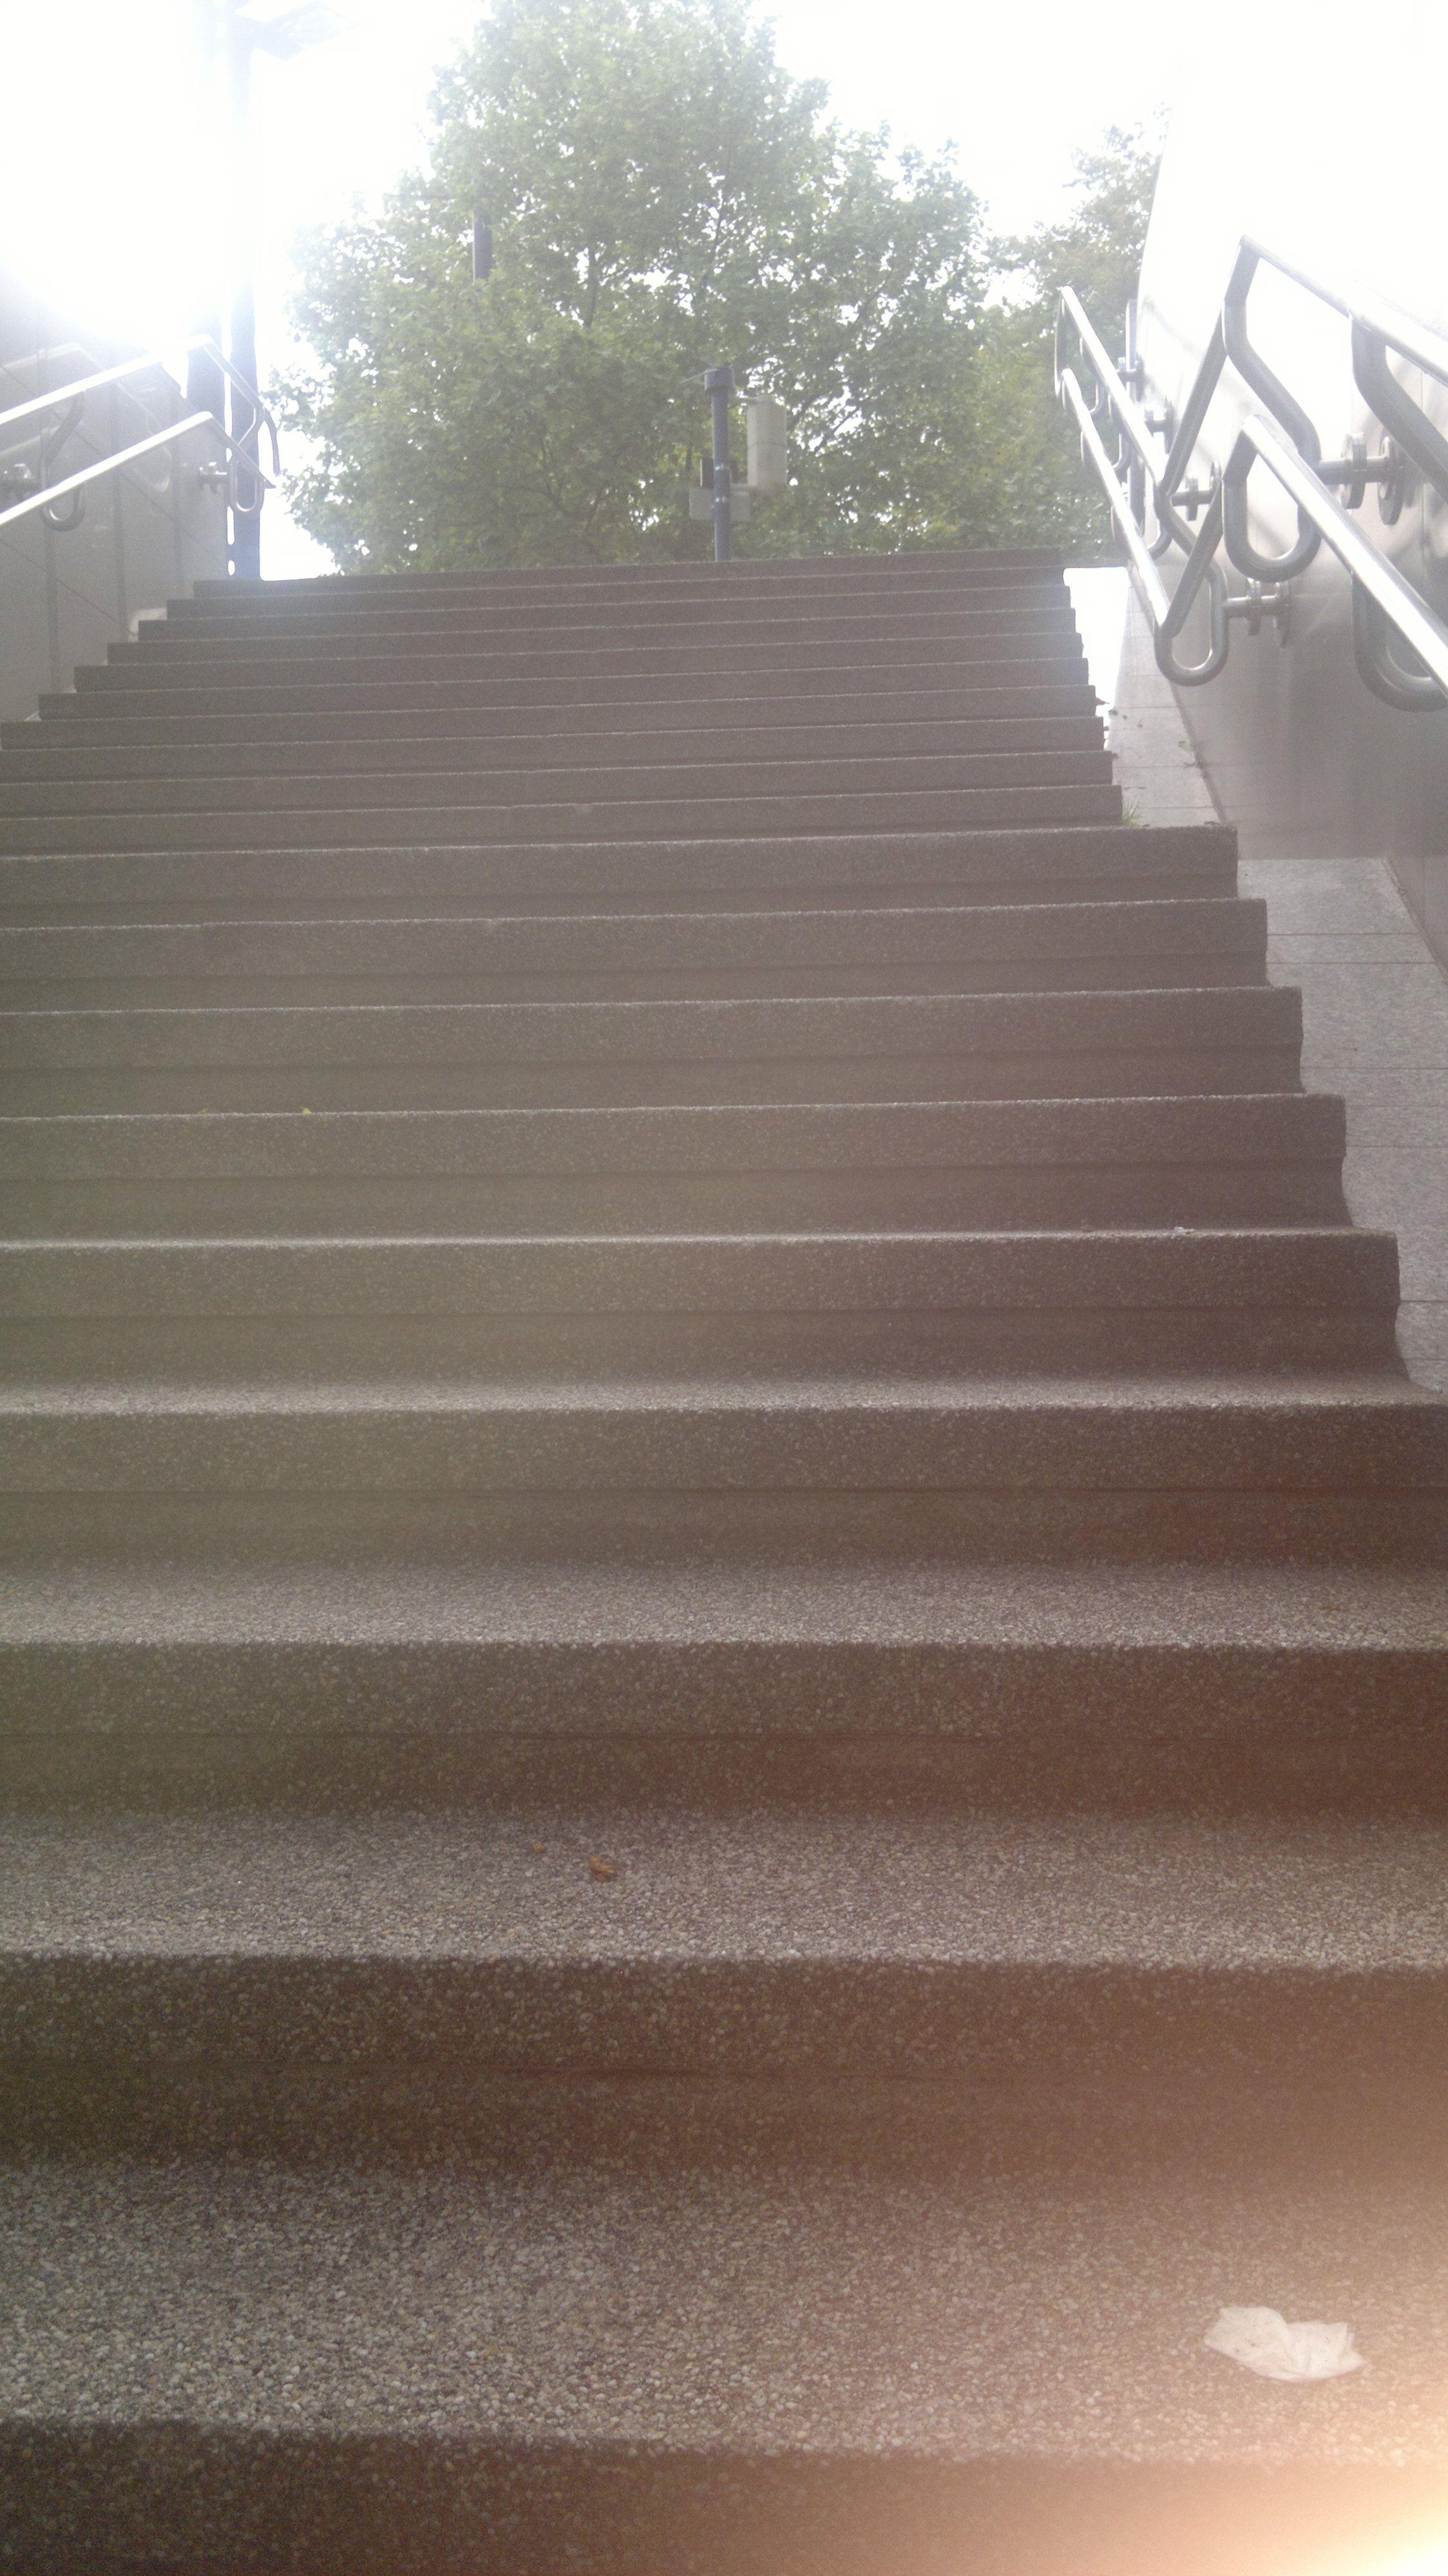 Treppen hoch - oben wartet das P...